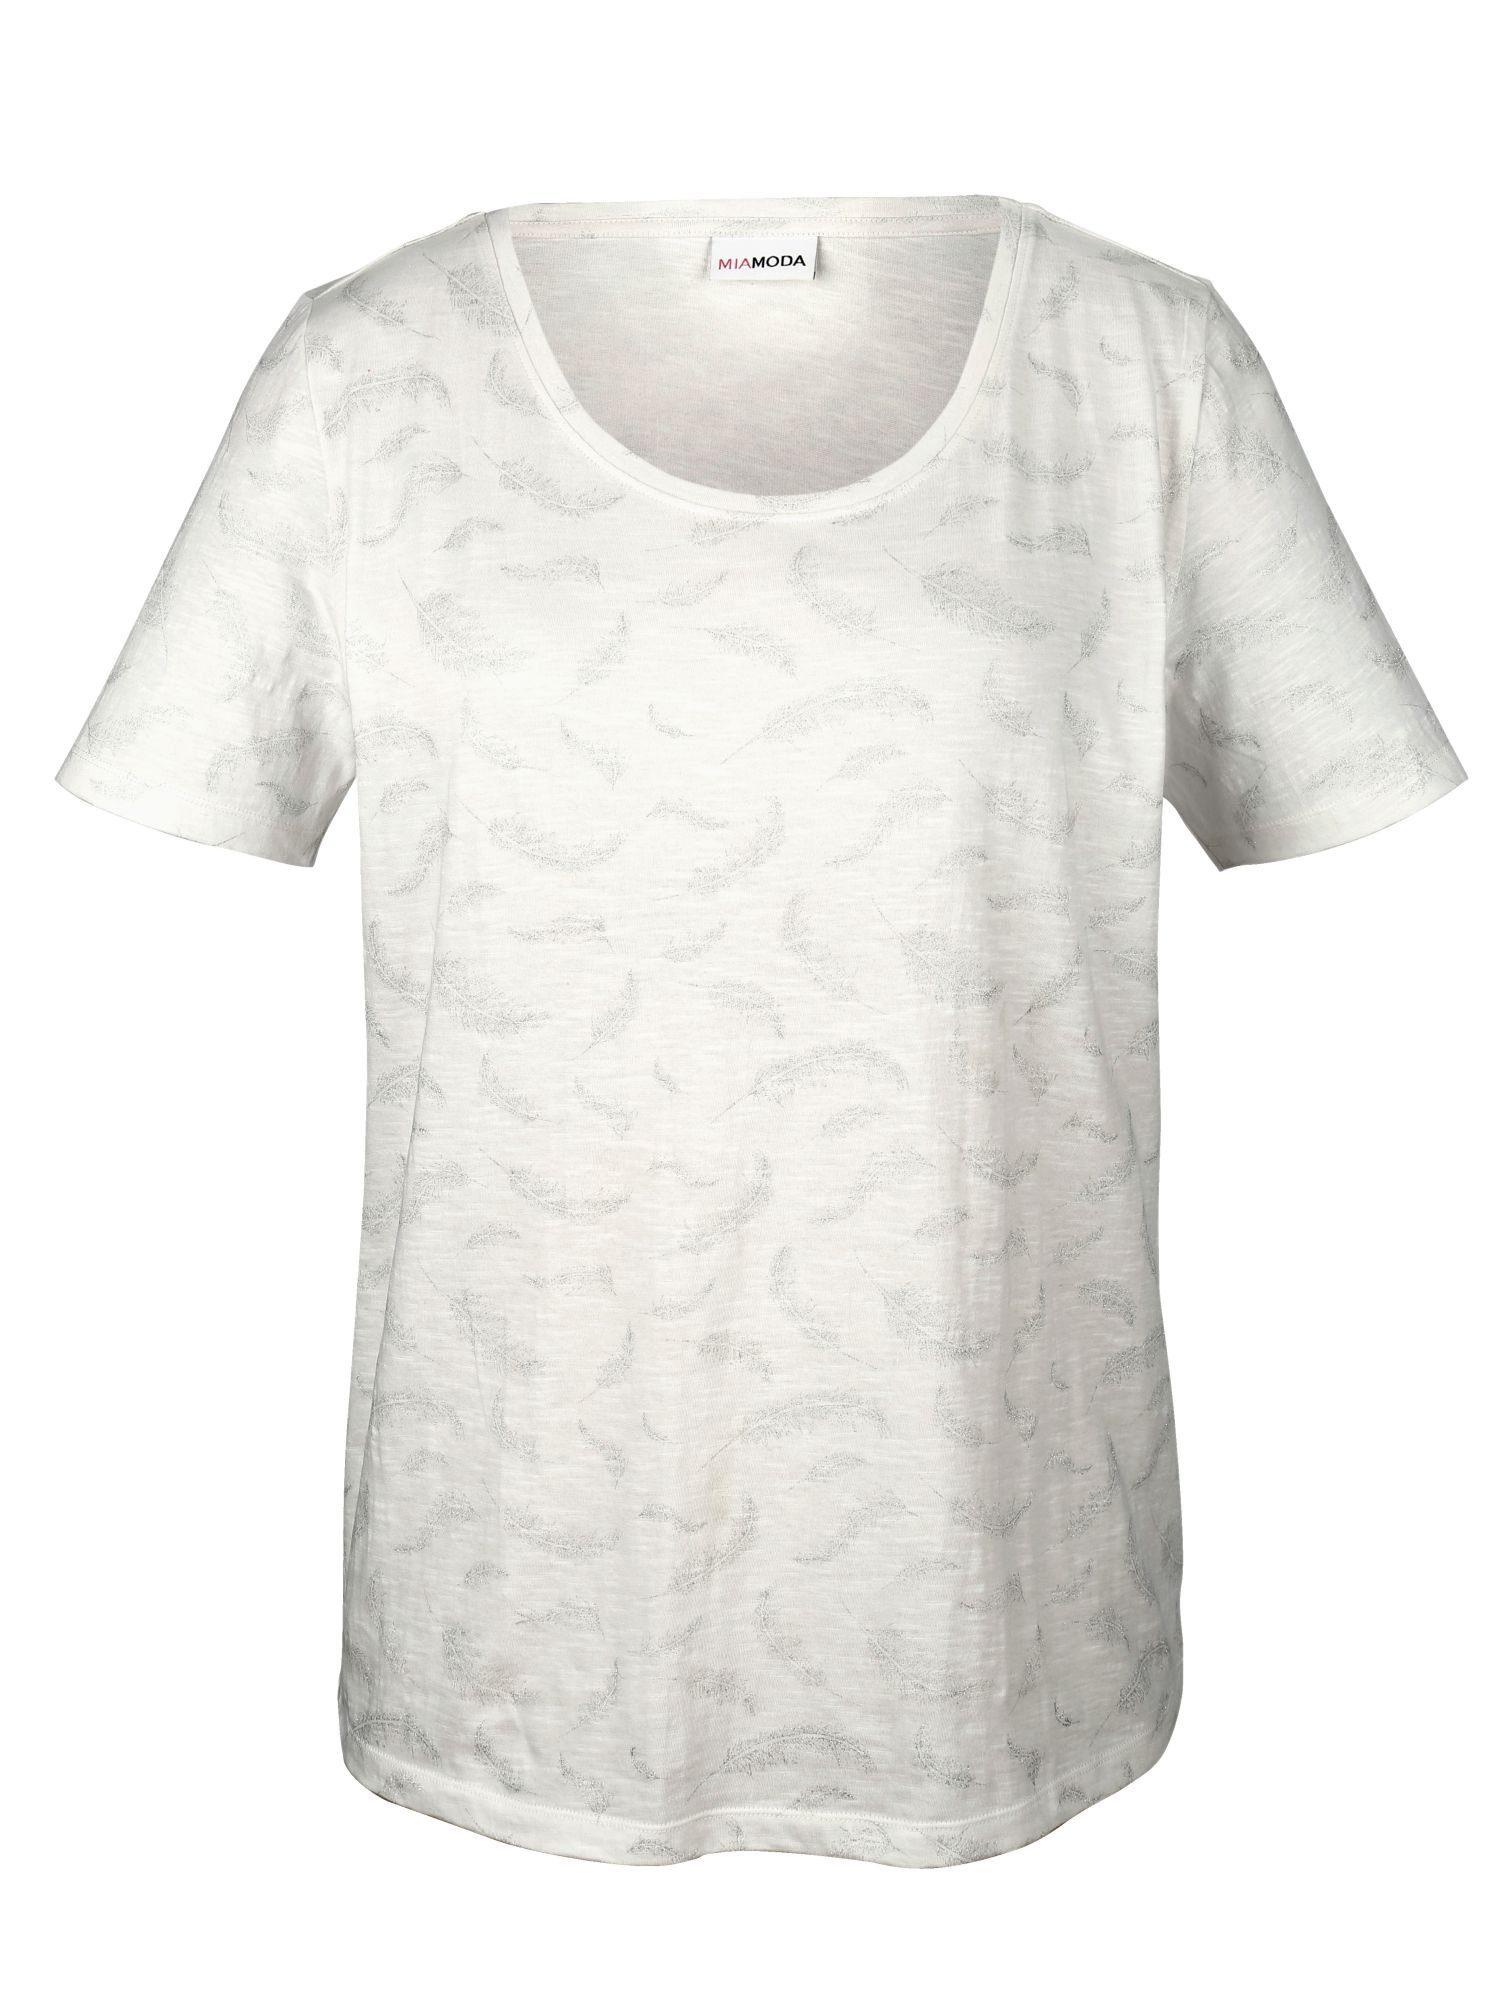 MIAMODA Shirt mit glitzerndem Federdruck-Muster rundum